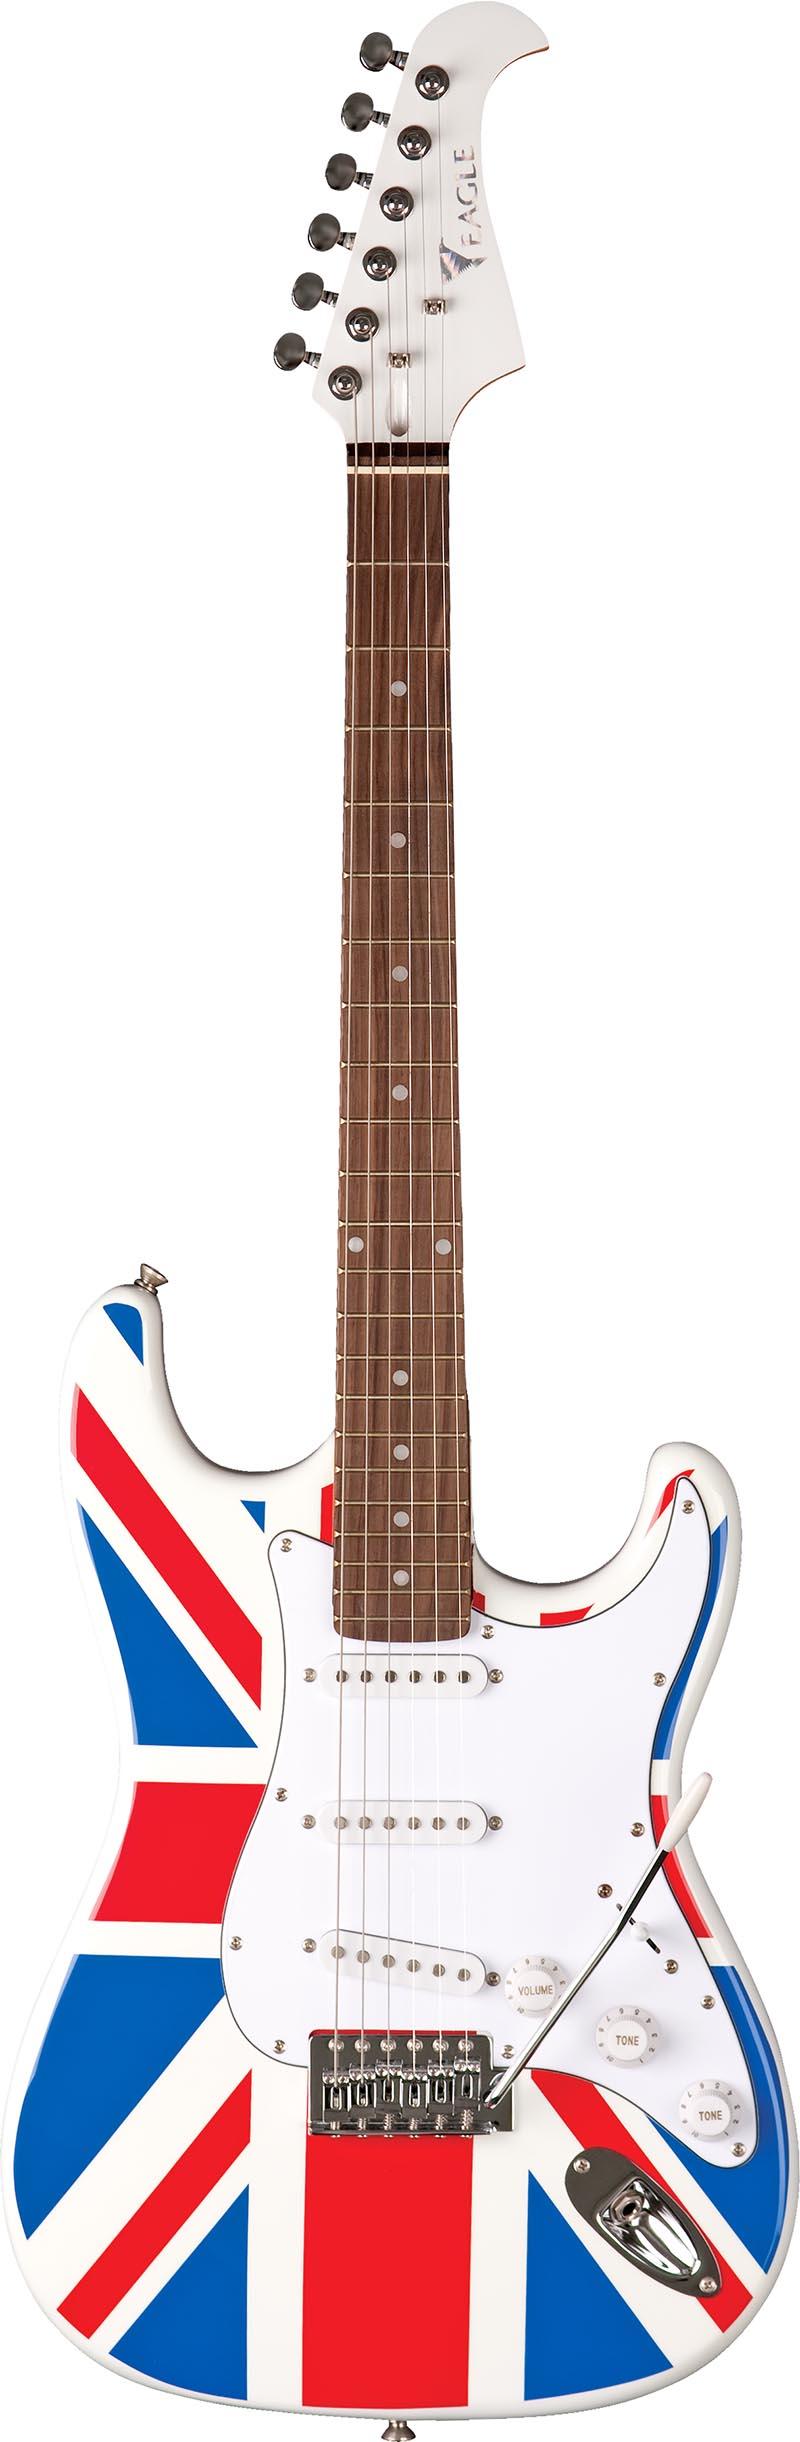 sts001 guitarra eletrica stratocaster captador simgle eagle sts001 uk bandeira reino unido visao frontal vertical